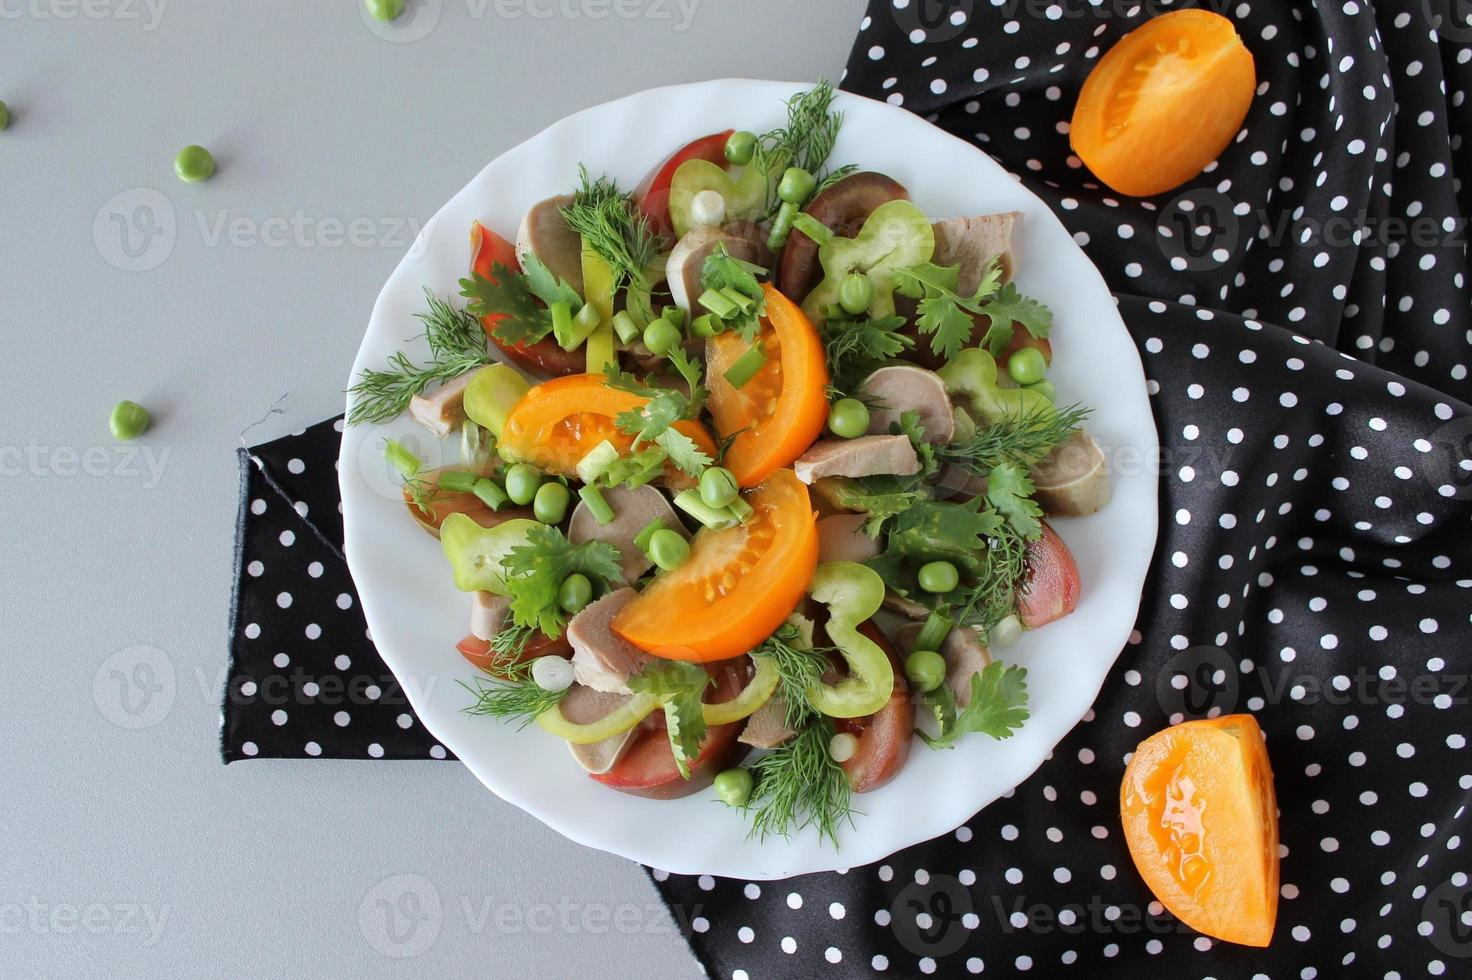 sallad med lammtunga, tomater och balsamicoäger foto